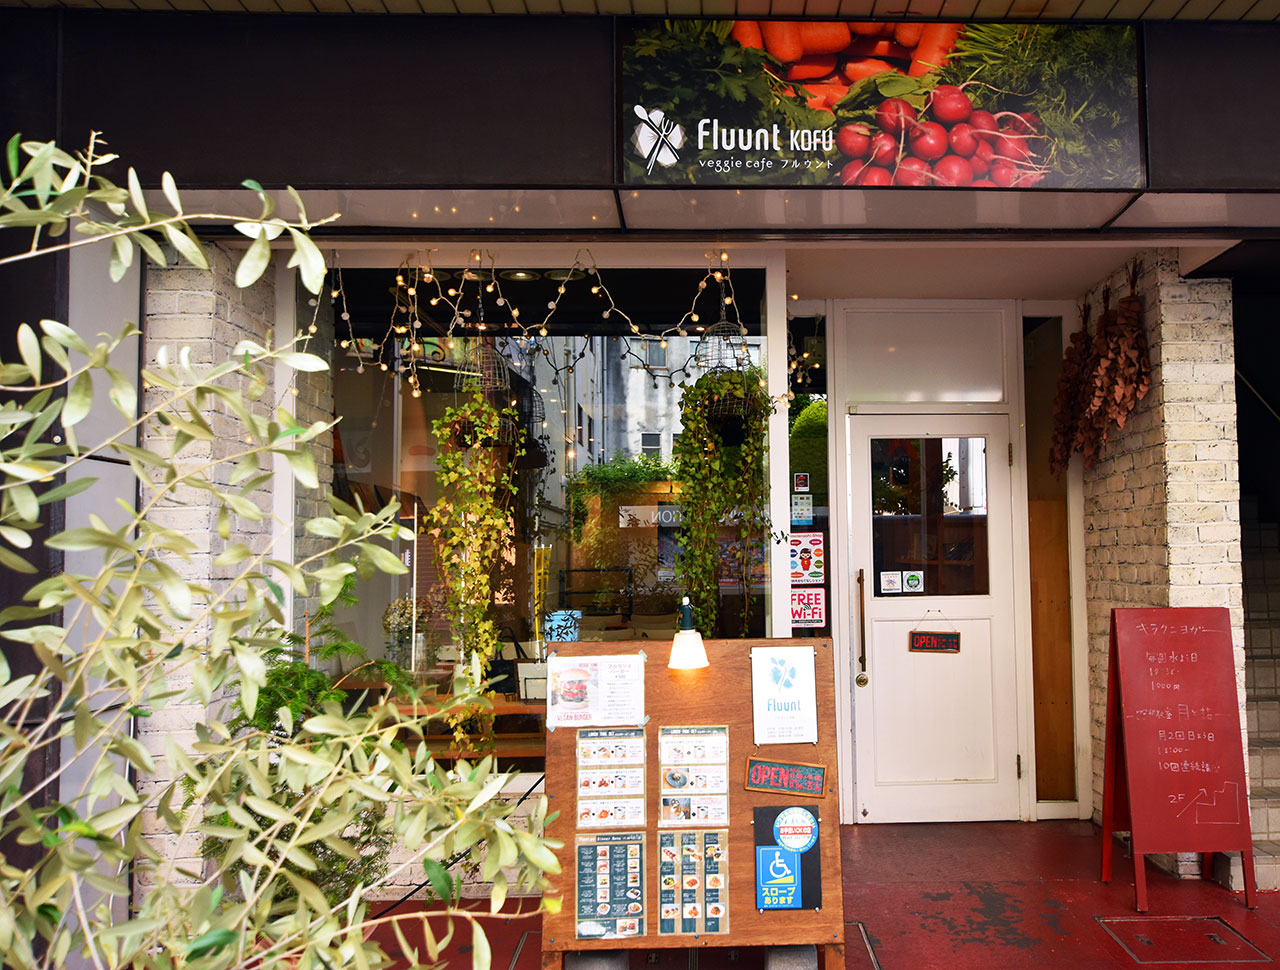 ベジカフェ フルウント コウフの店舗外観写真